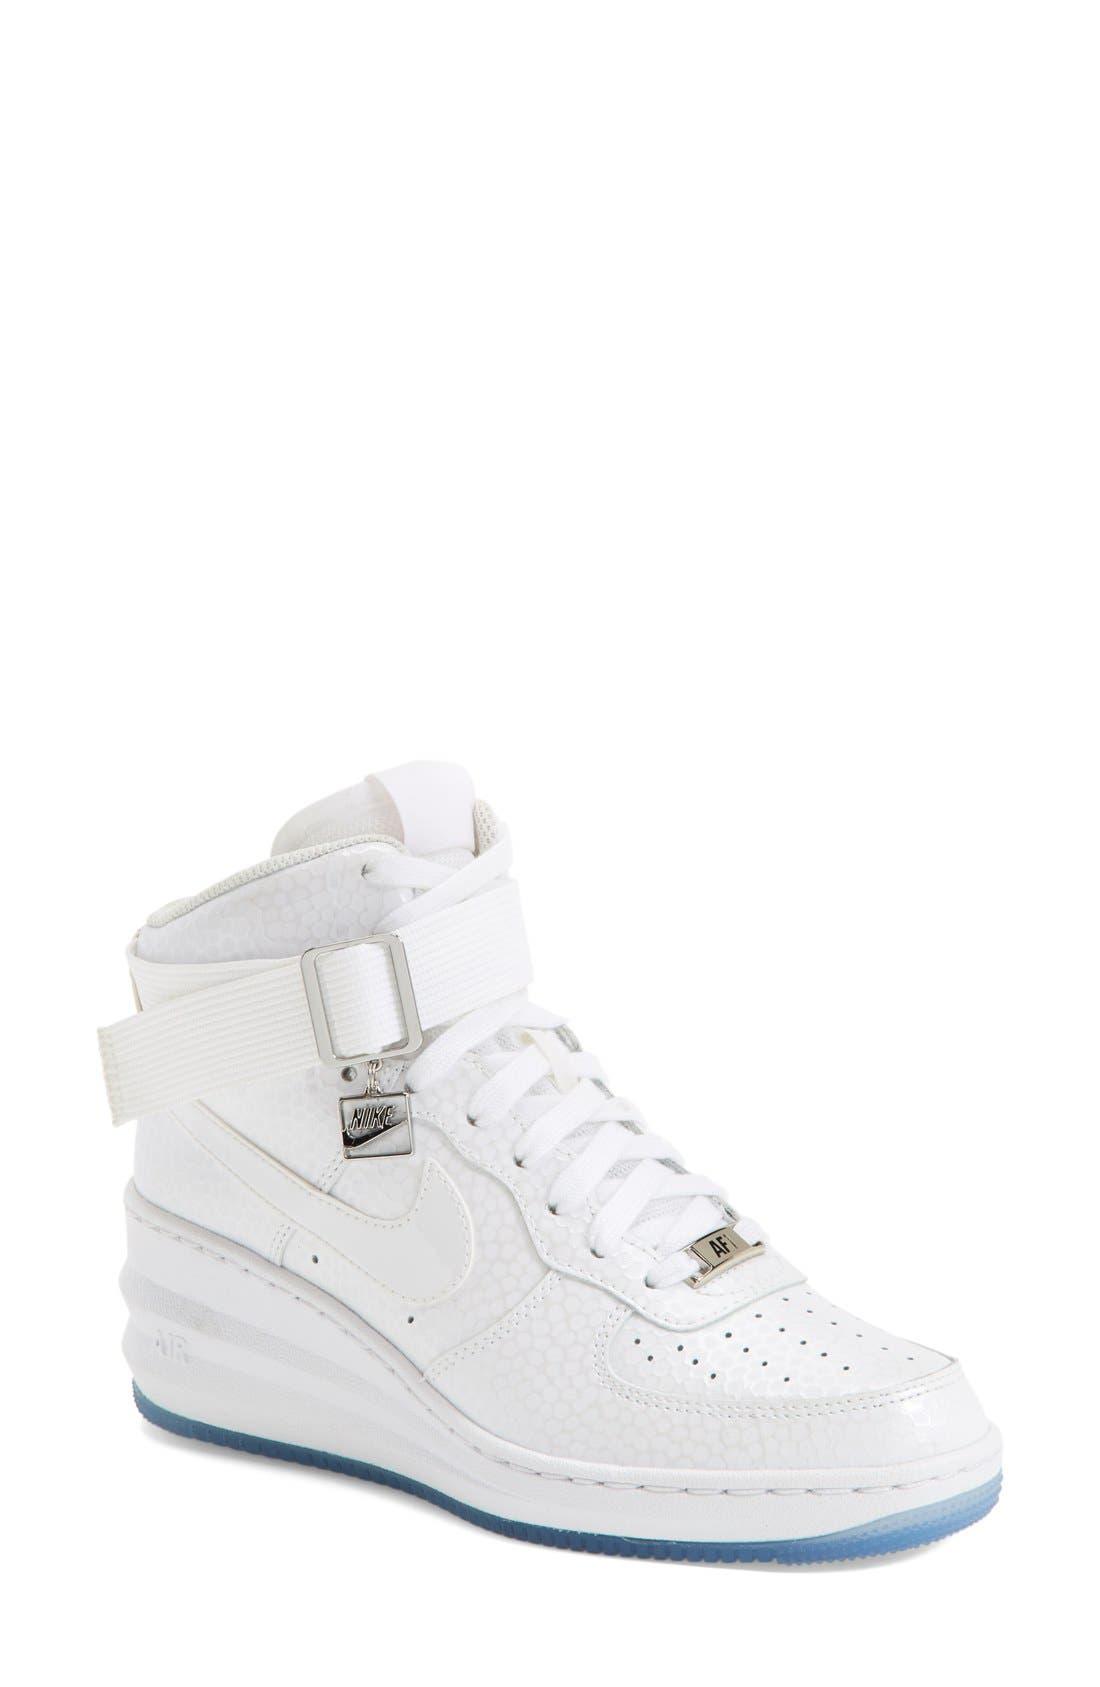 Main Image - Nike 'Lunar Force 1 Sky Hi' Sneaker (Women)